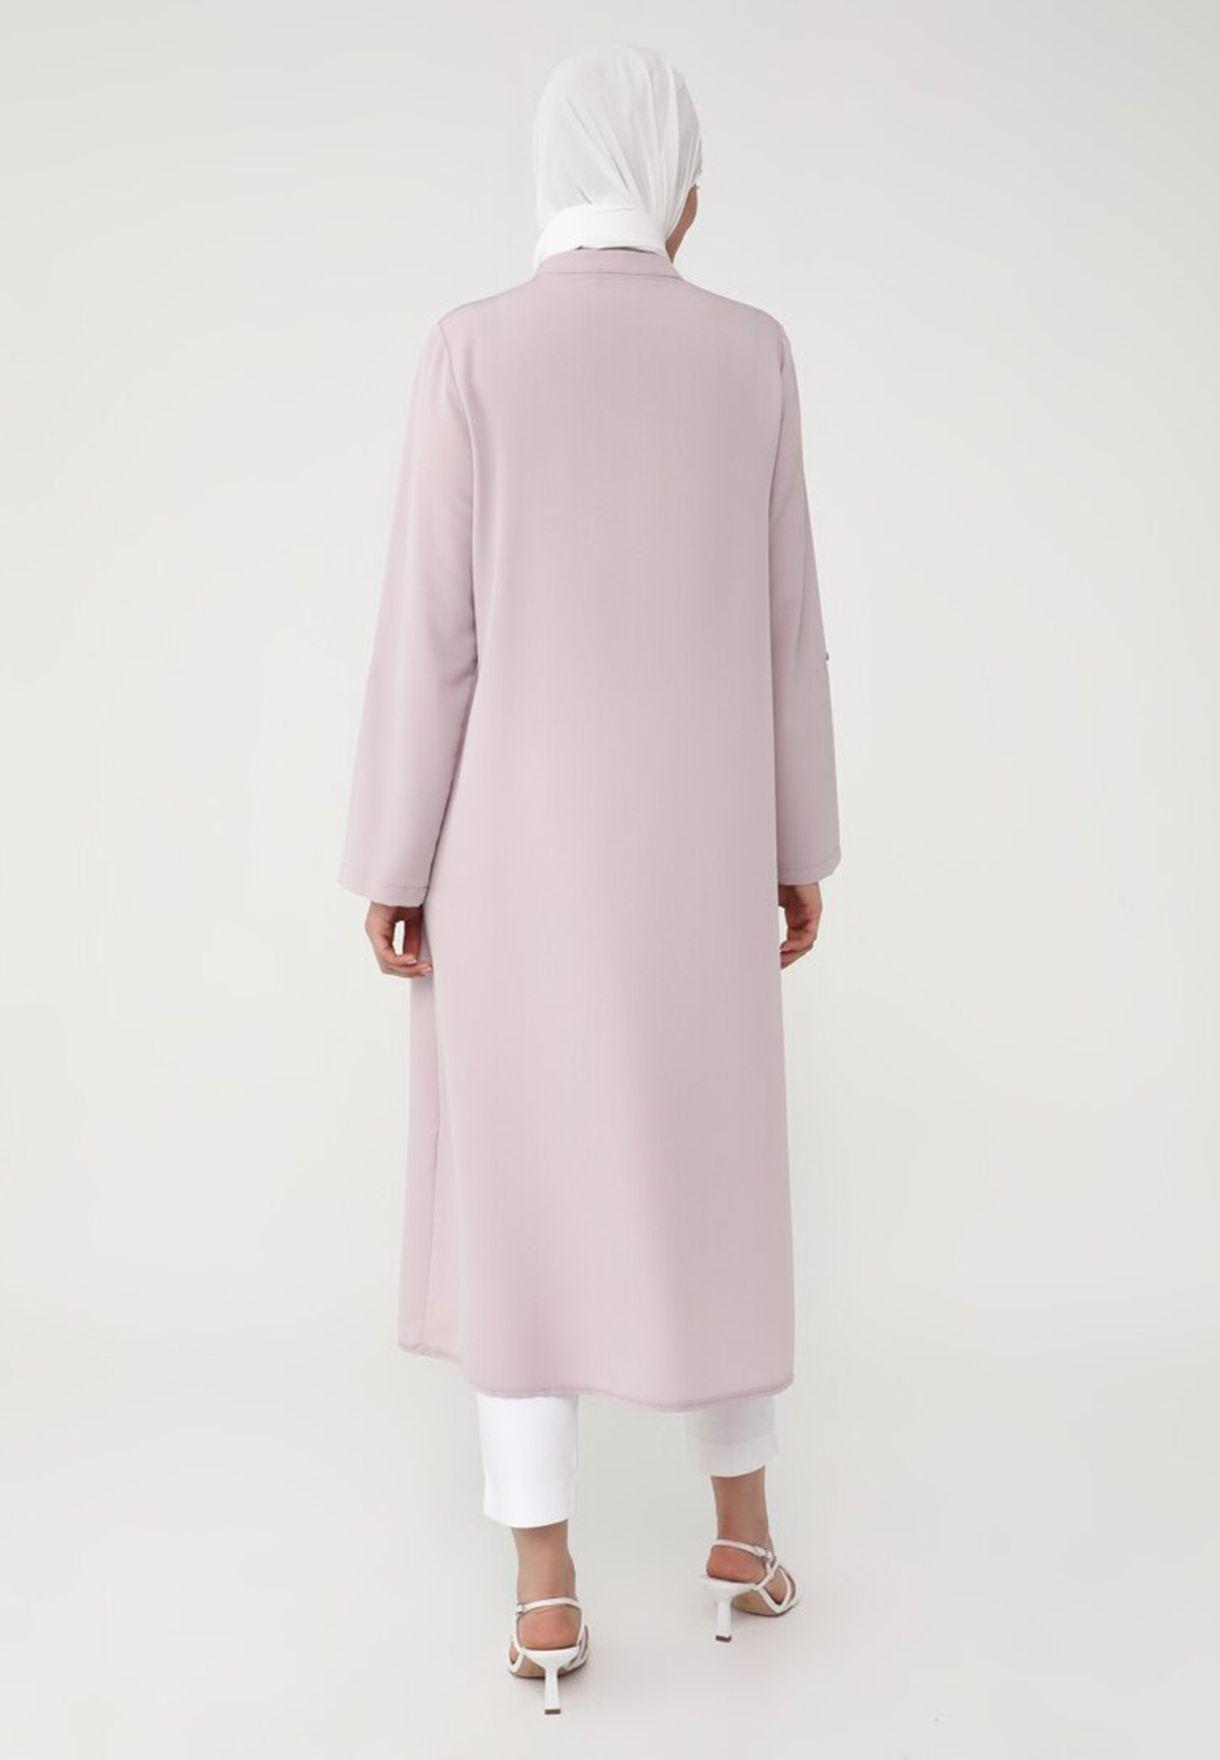 فستان طويل بياقة دائرية